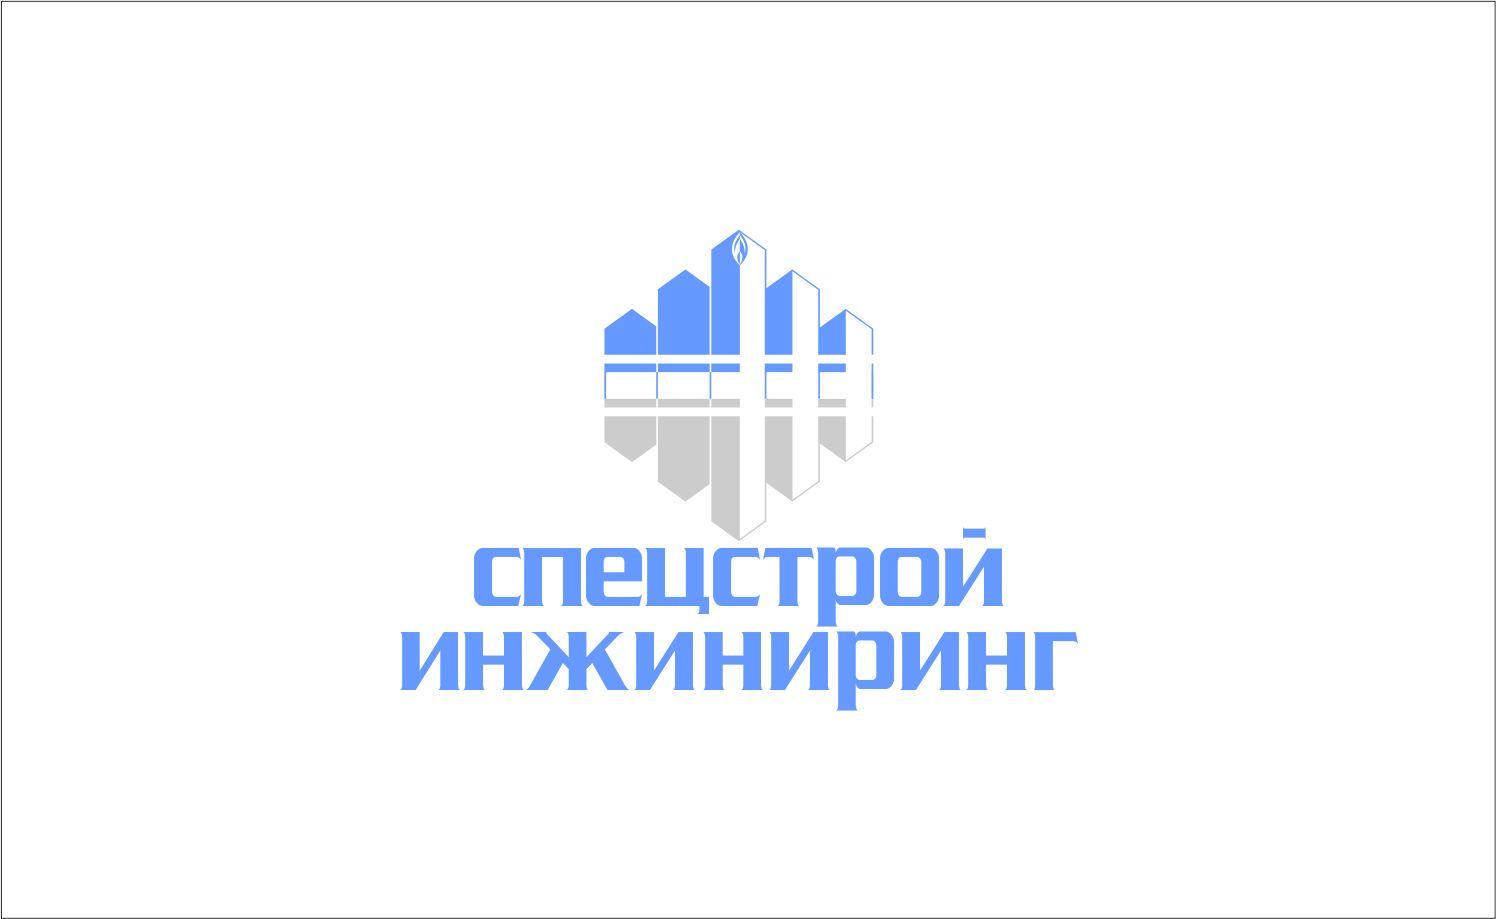 Логотип для строительной компании - дизайнер SobolevS21